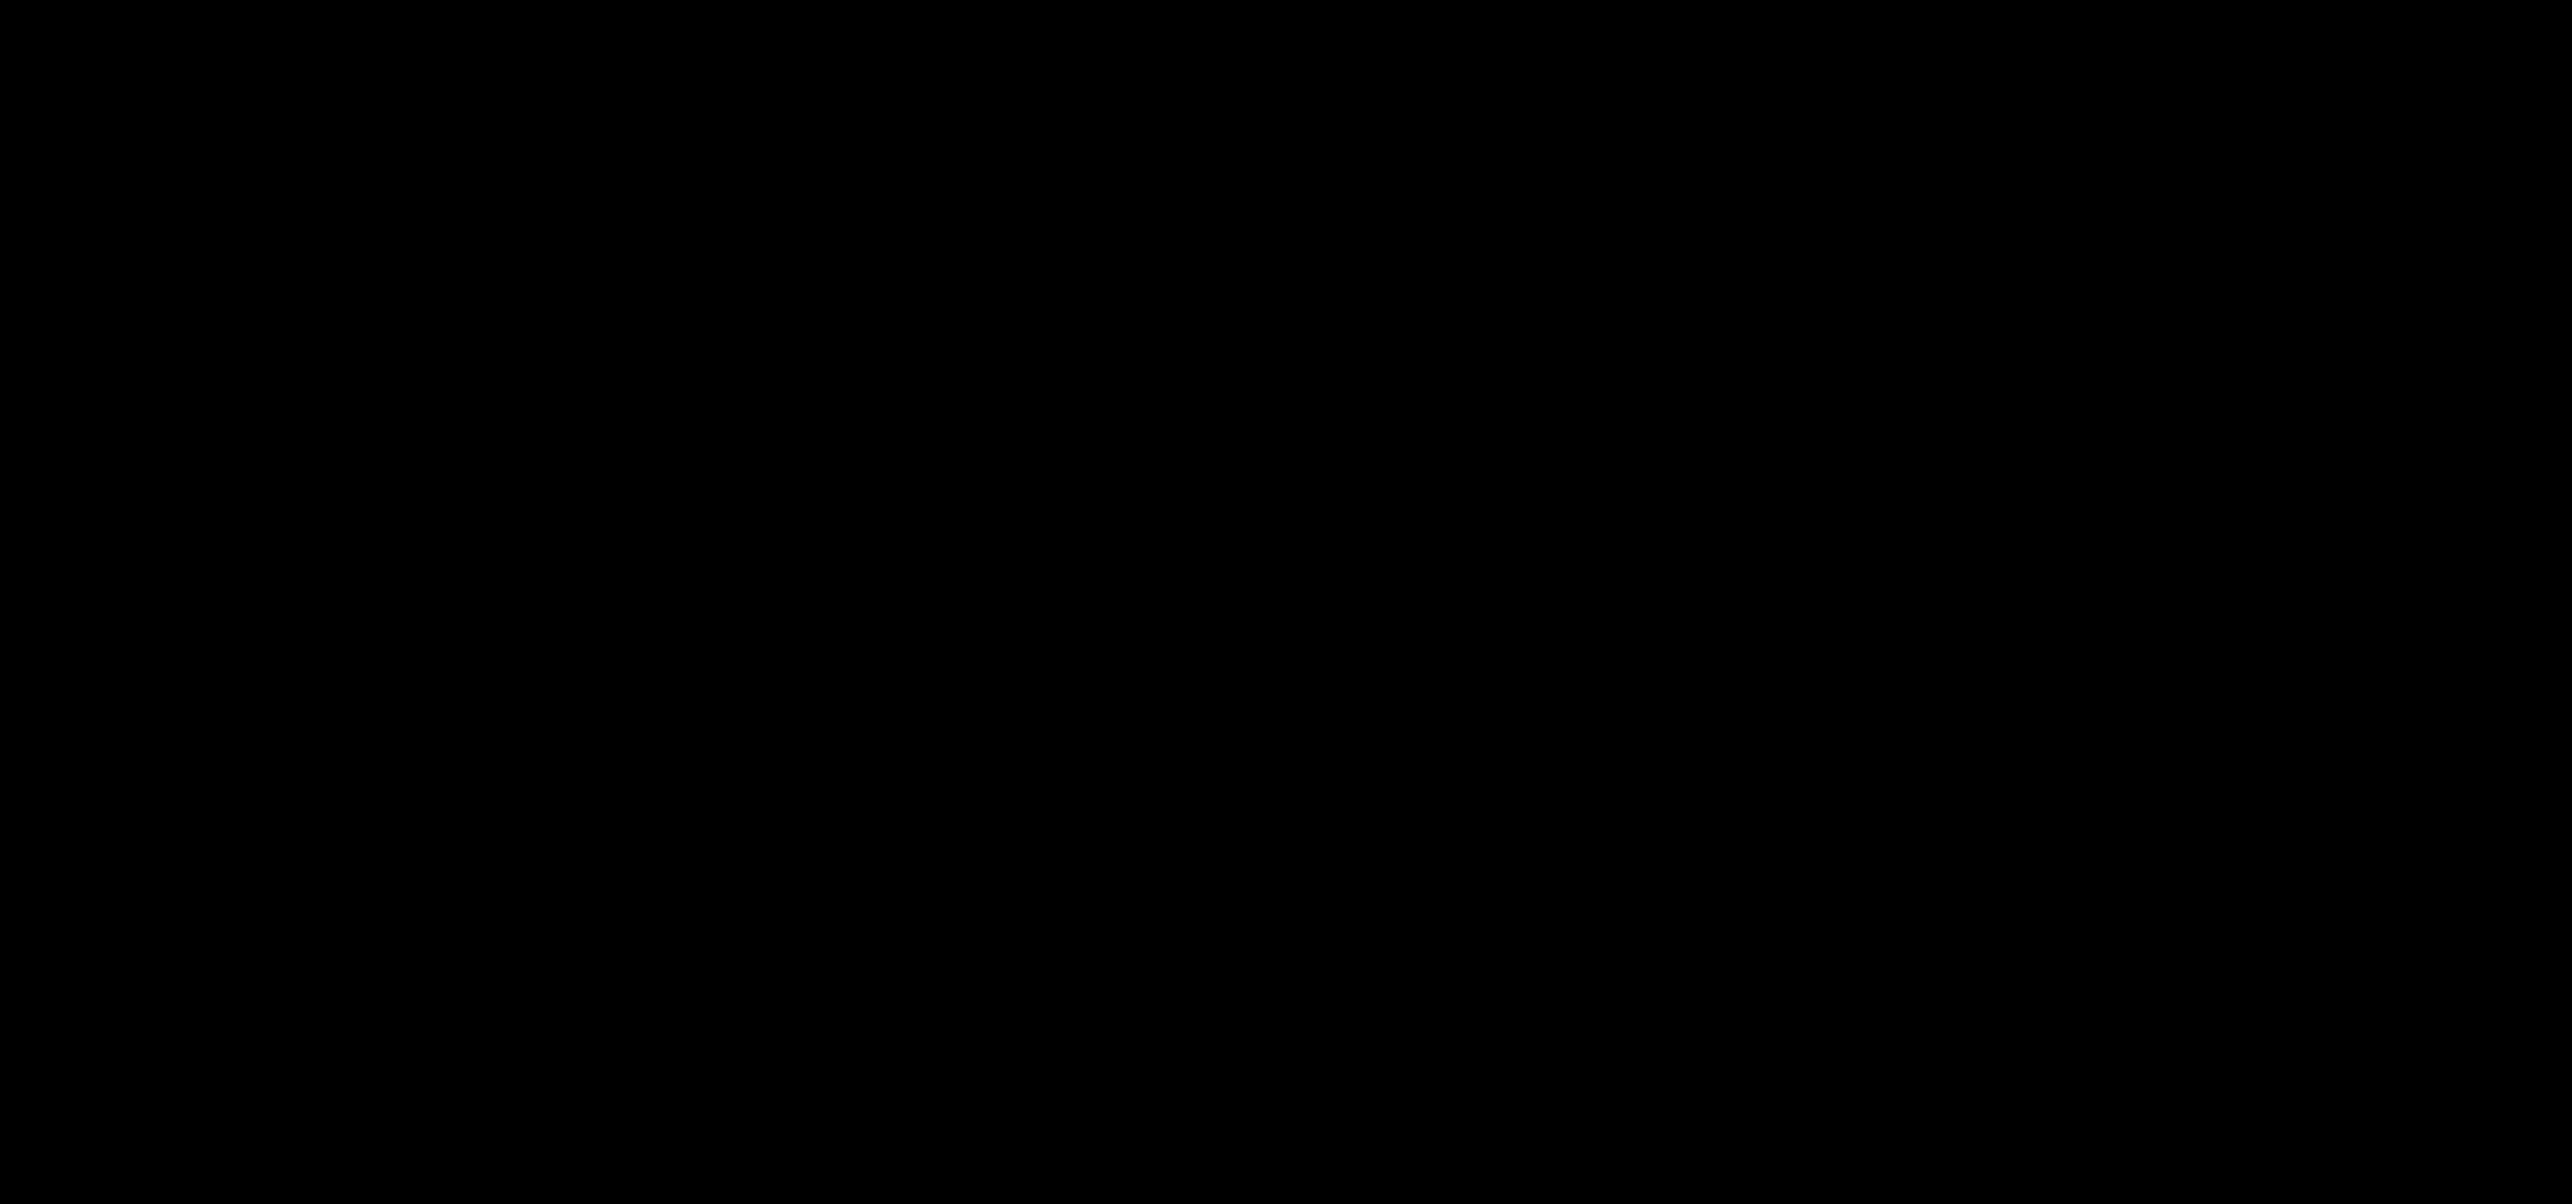 3-Dansyl lithocholic acid-d<sub>4</sub>